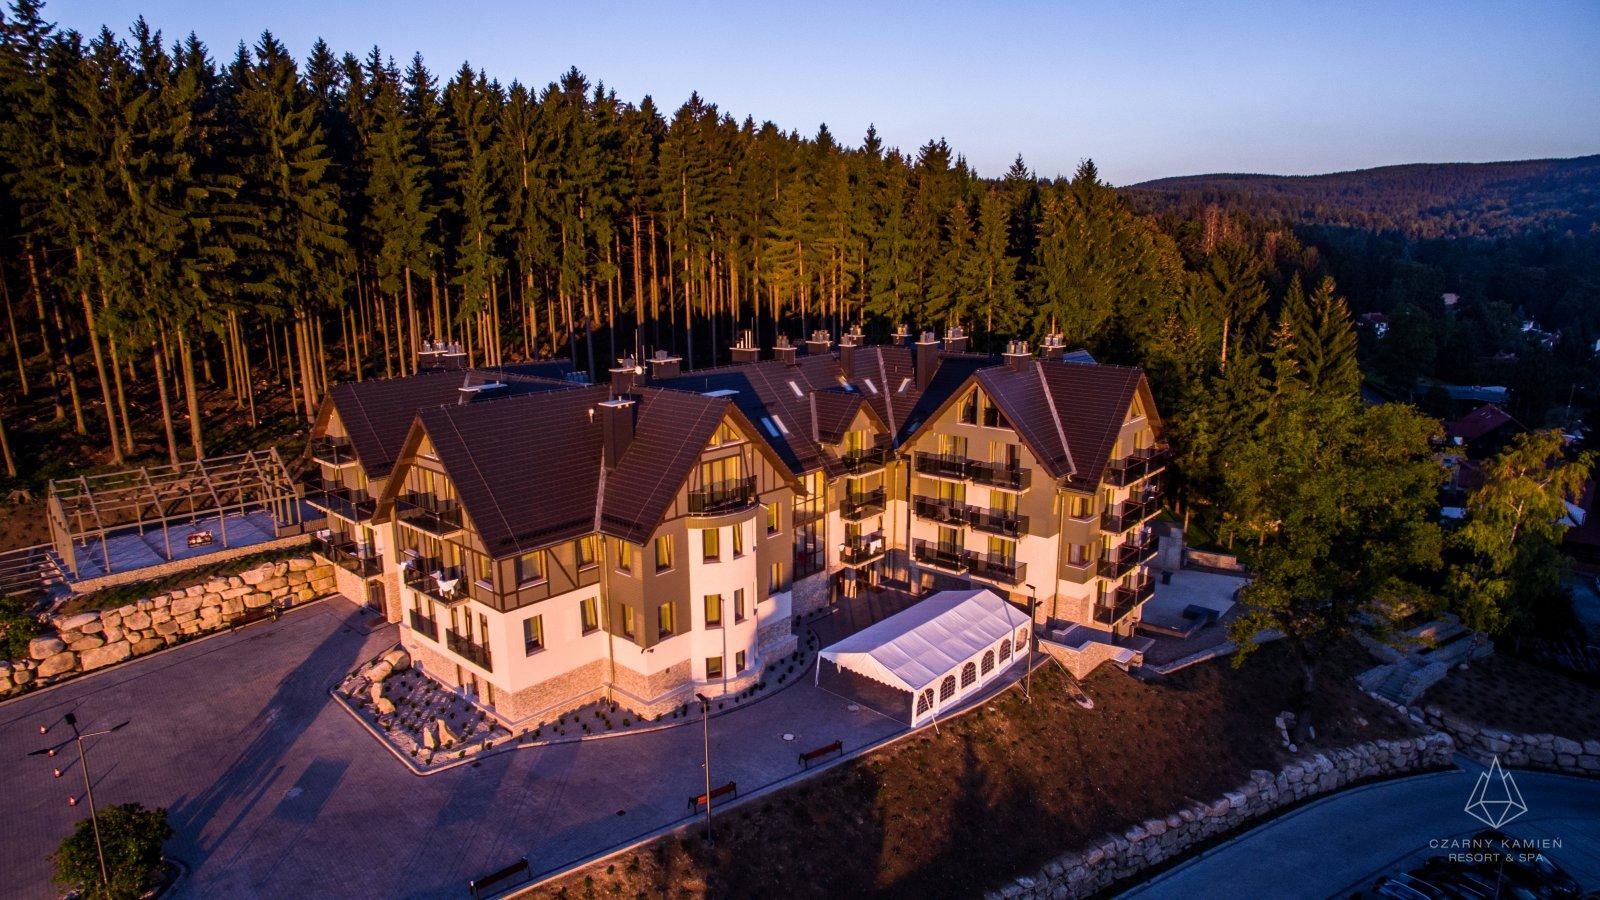 Czarny Kamień Resort Amp Spa Sala Konferencyjna Szklarska